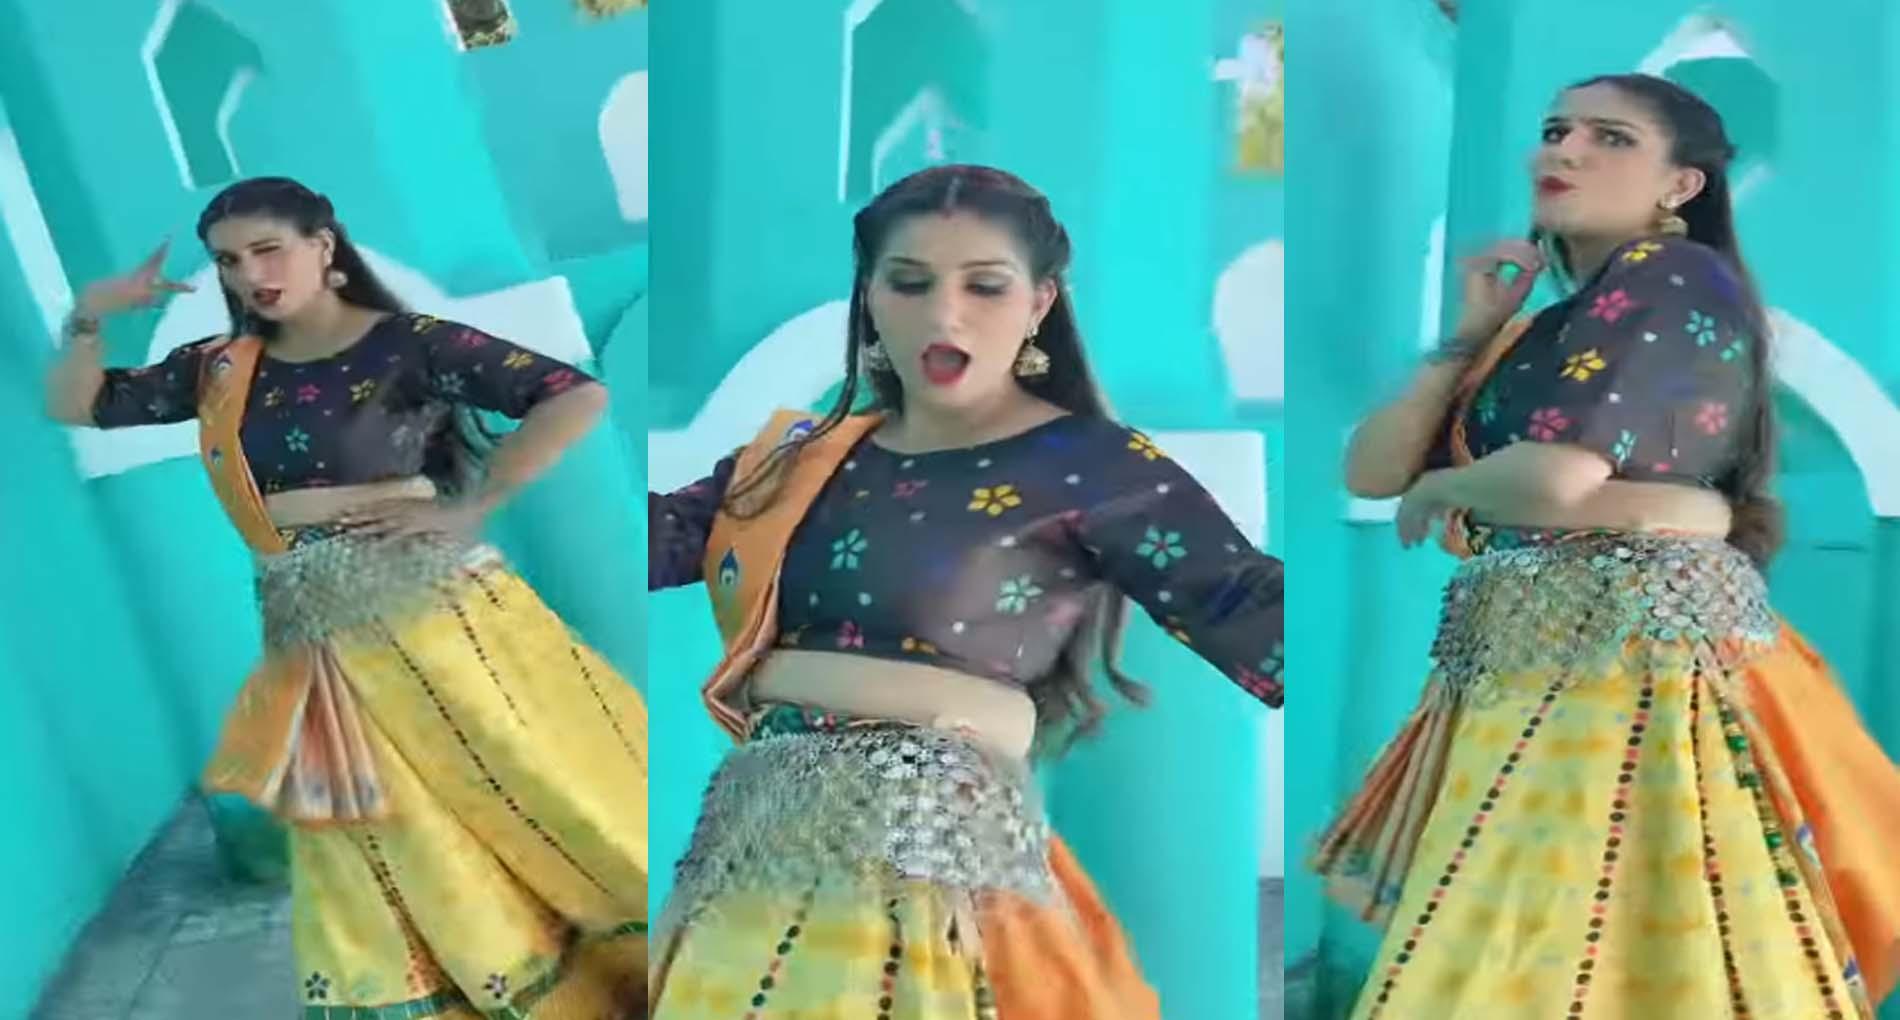 Sapna Choudhary Dance Video: सपना चौधरी ने इस पंजाबी सॉन्ग पर किया जोरदार डांस! देखें वीडियो